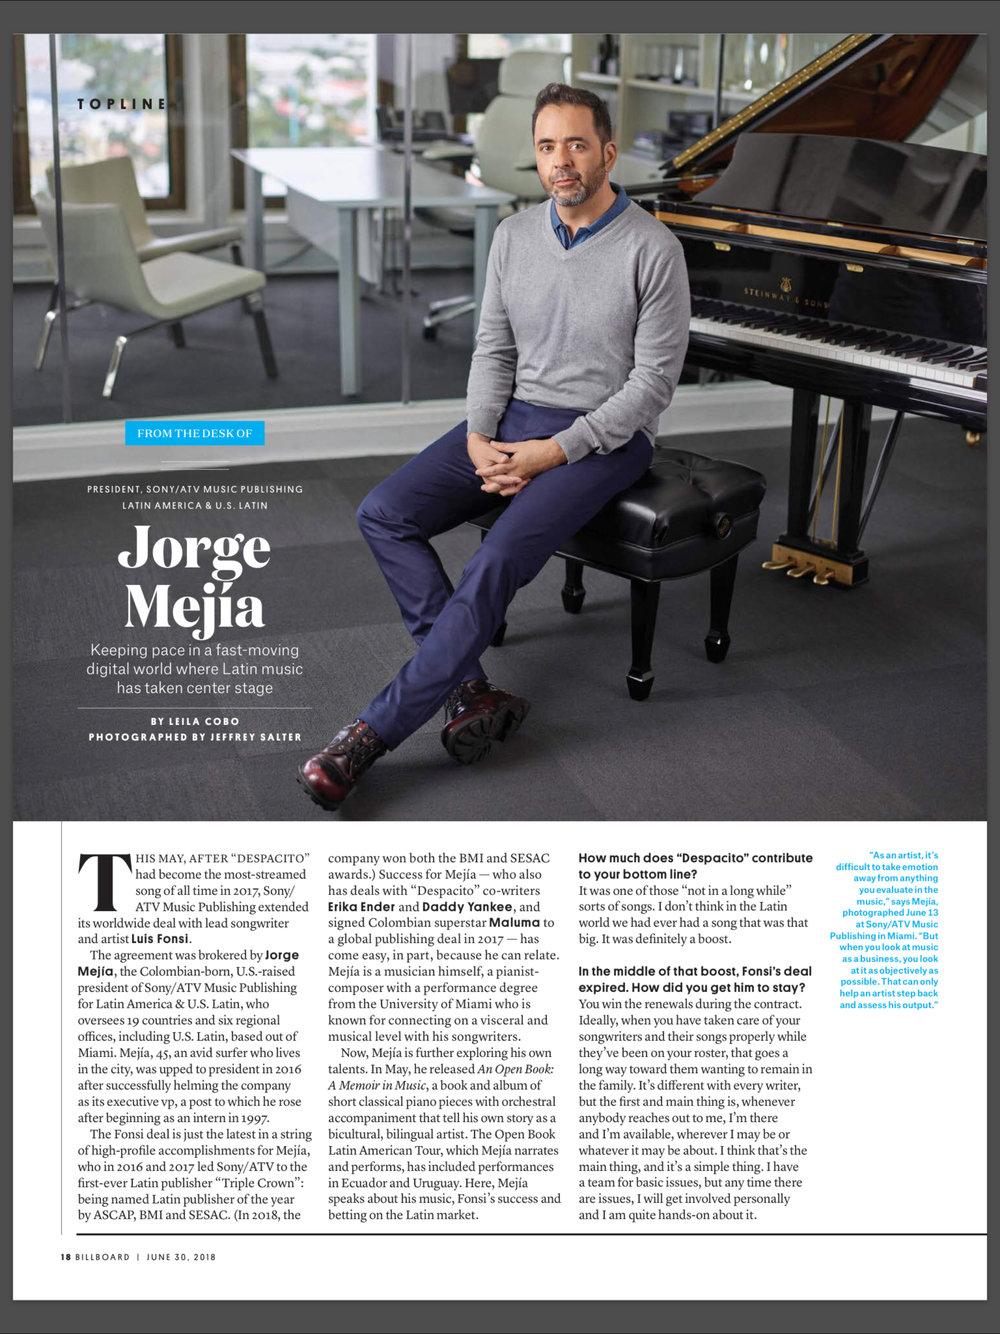 Jorge Mejia - Billboard 62918 Page 1.jpg